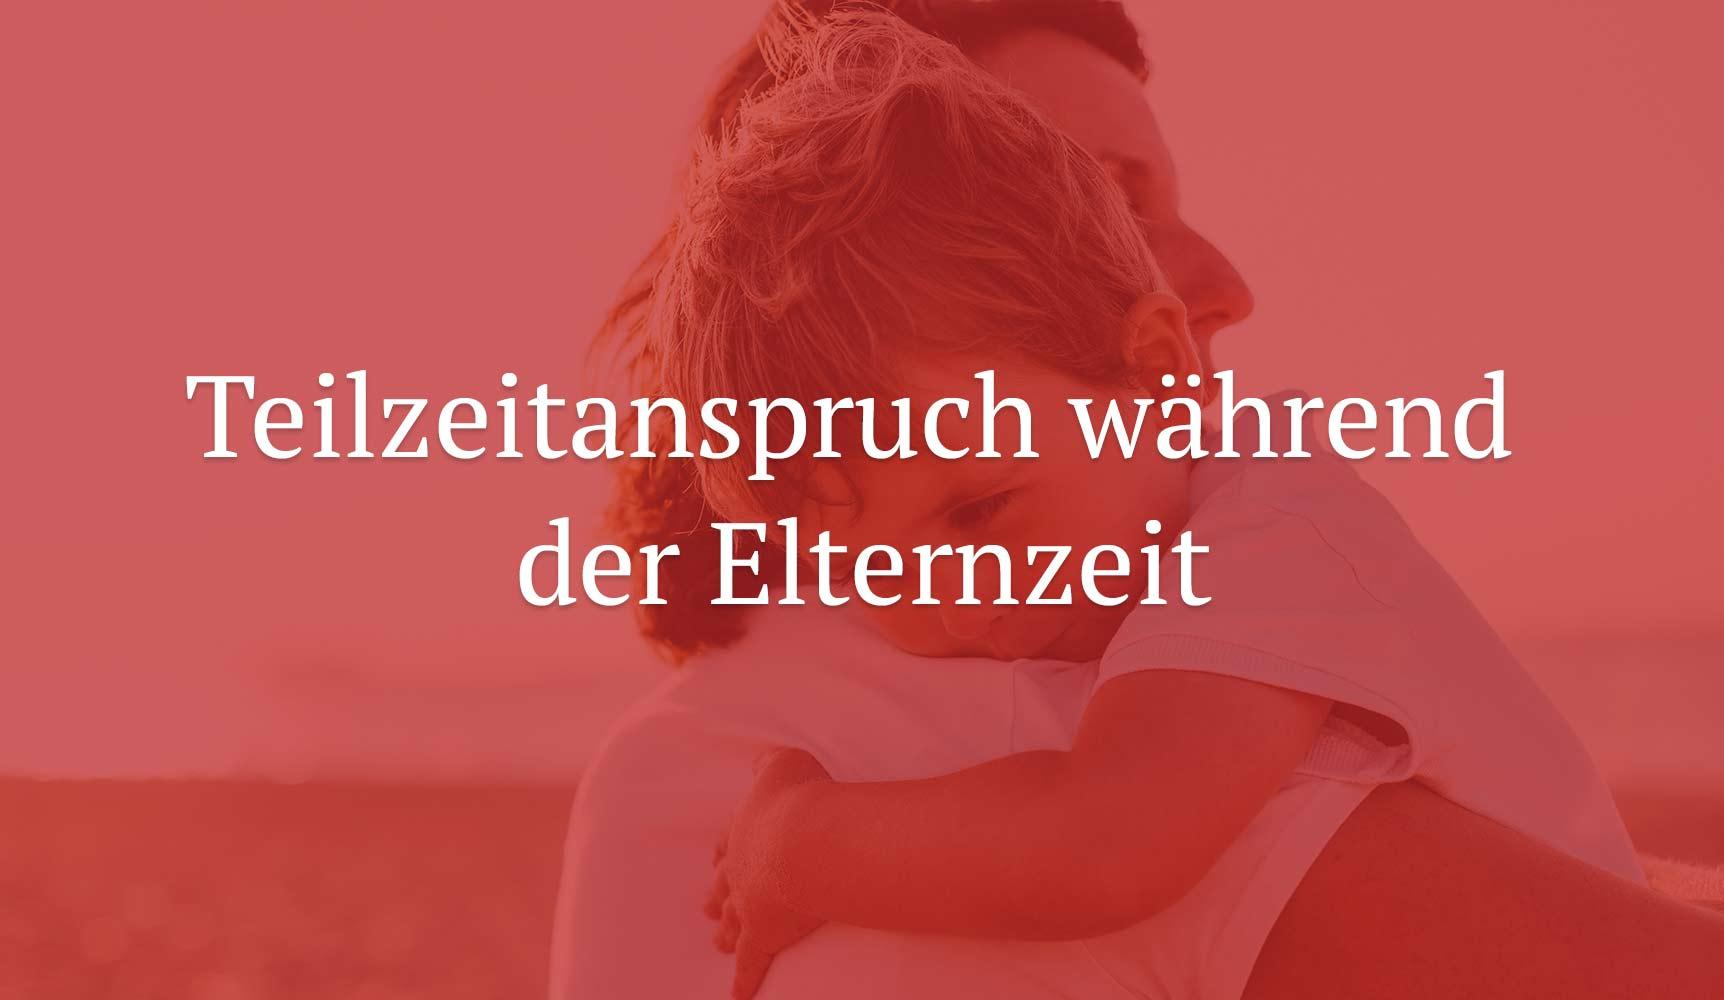 LAG Köln: Teilzeitanspruch während der Elternzeit mit einstweiliger Verfügung durchsetzbar.